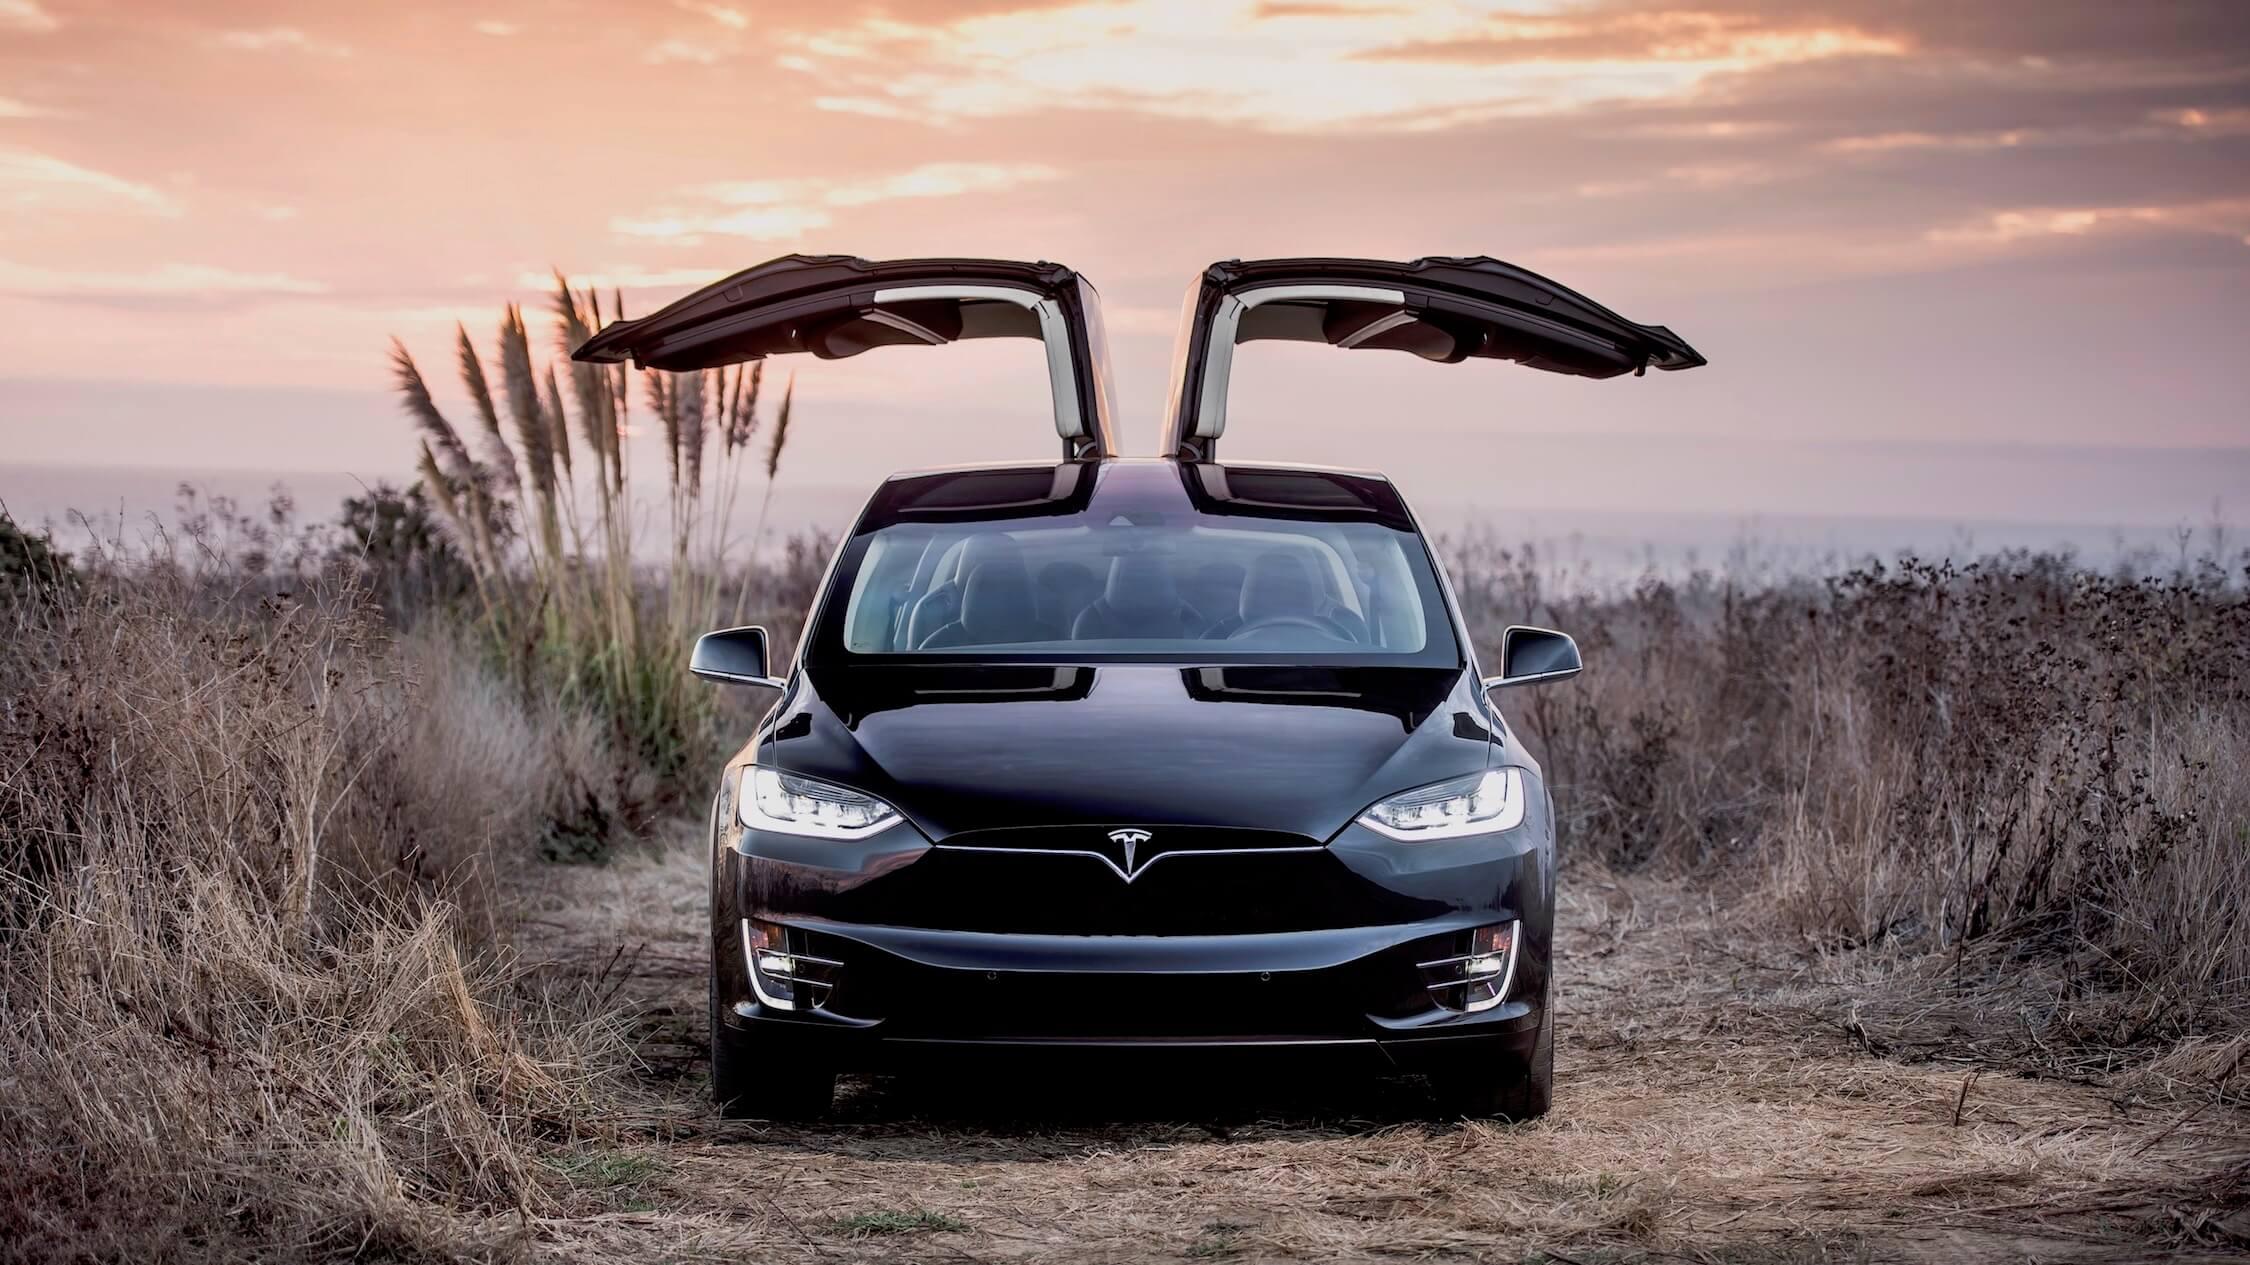 Tesla Model X vleugeldeuren